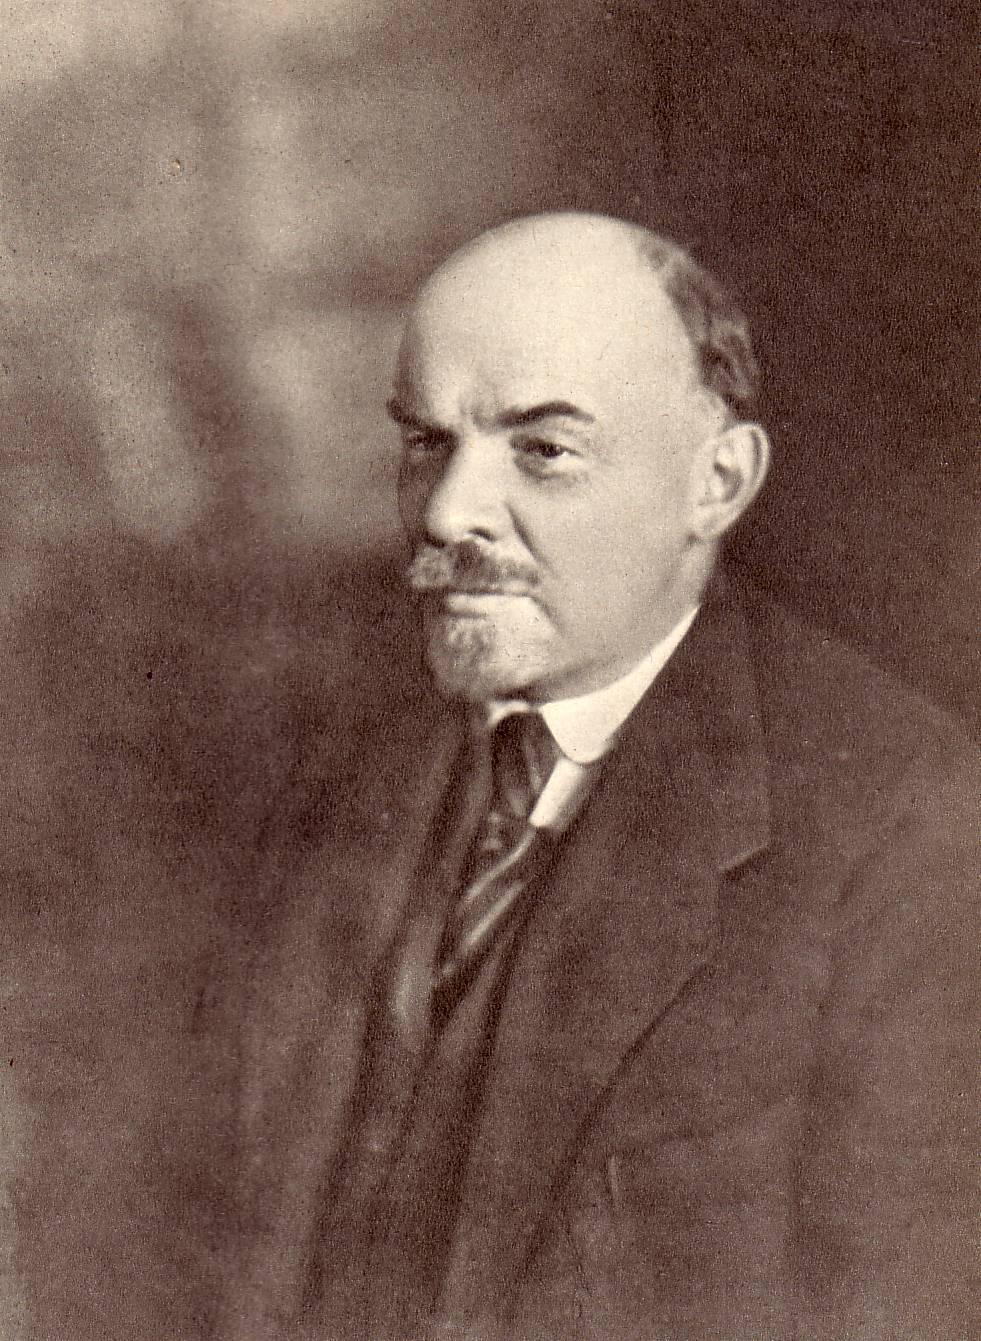 22 апреля - день рождение В.И.Ленина